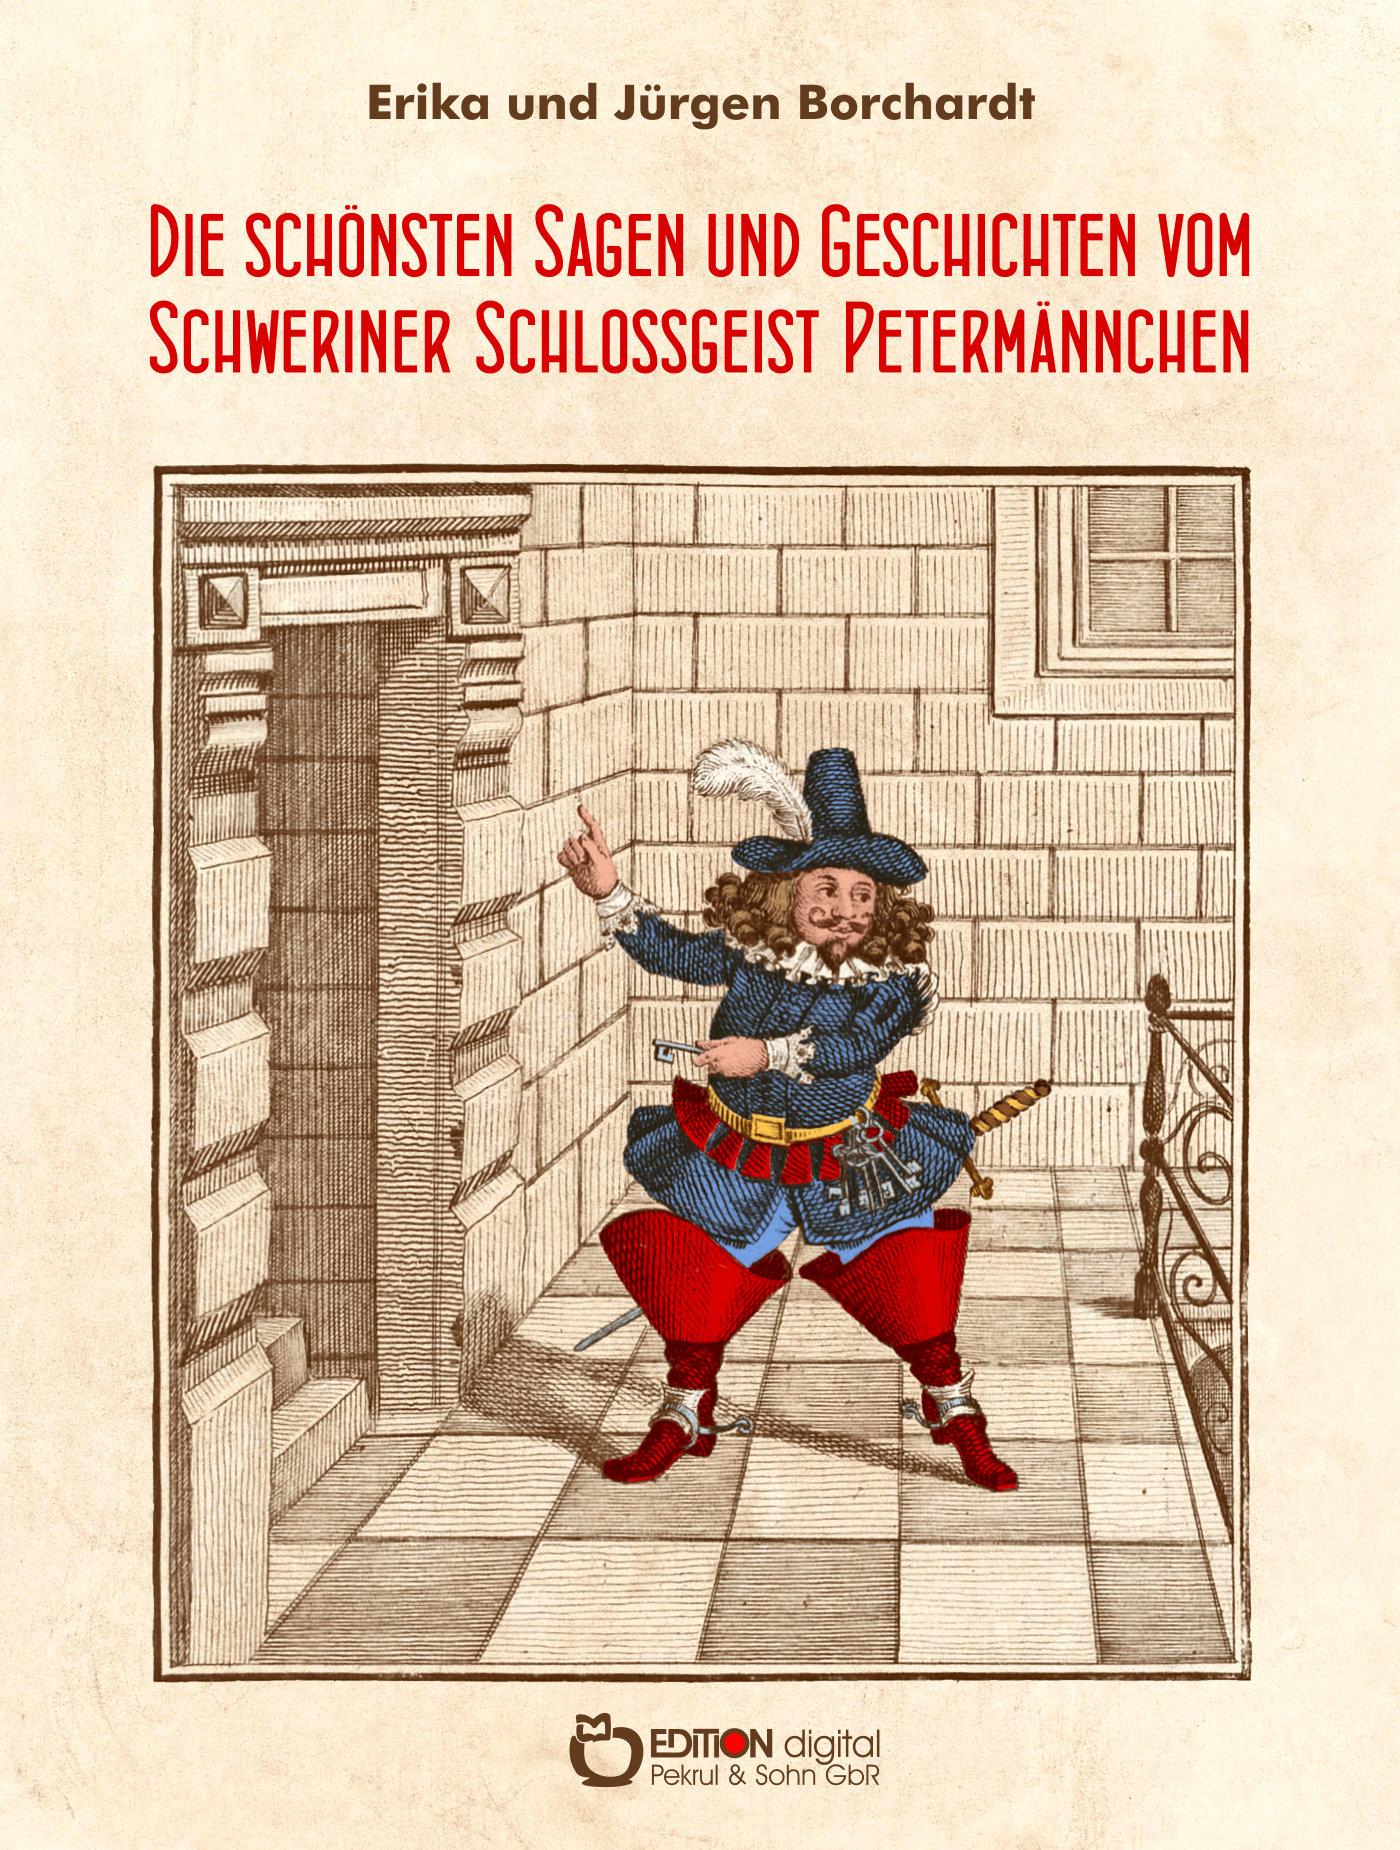 Die schönsten Sagen und Geschichten vom Schweriner Schlossgeist Petermännchen von Erika Borchardt, Jürgen Borchardt (Autor)